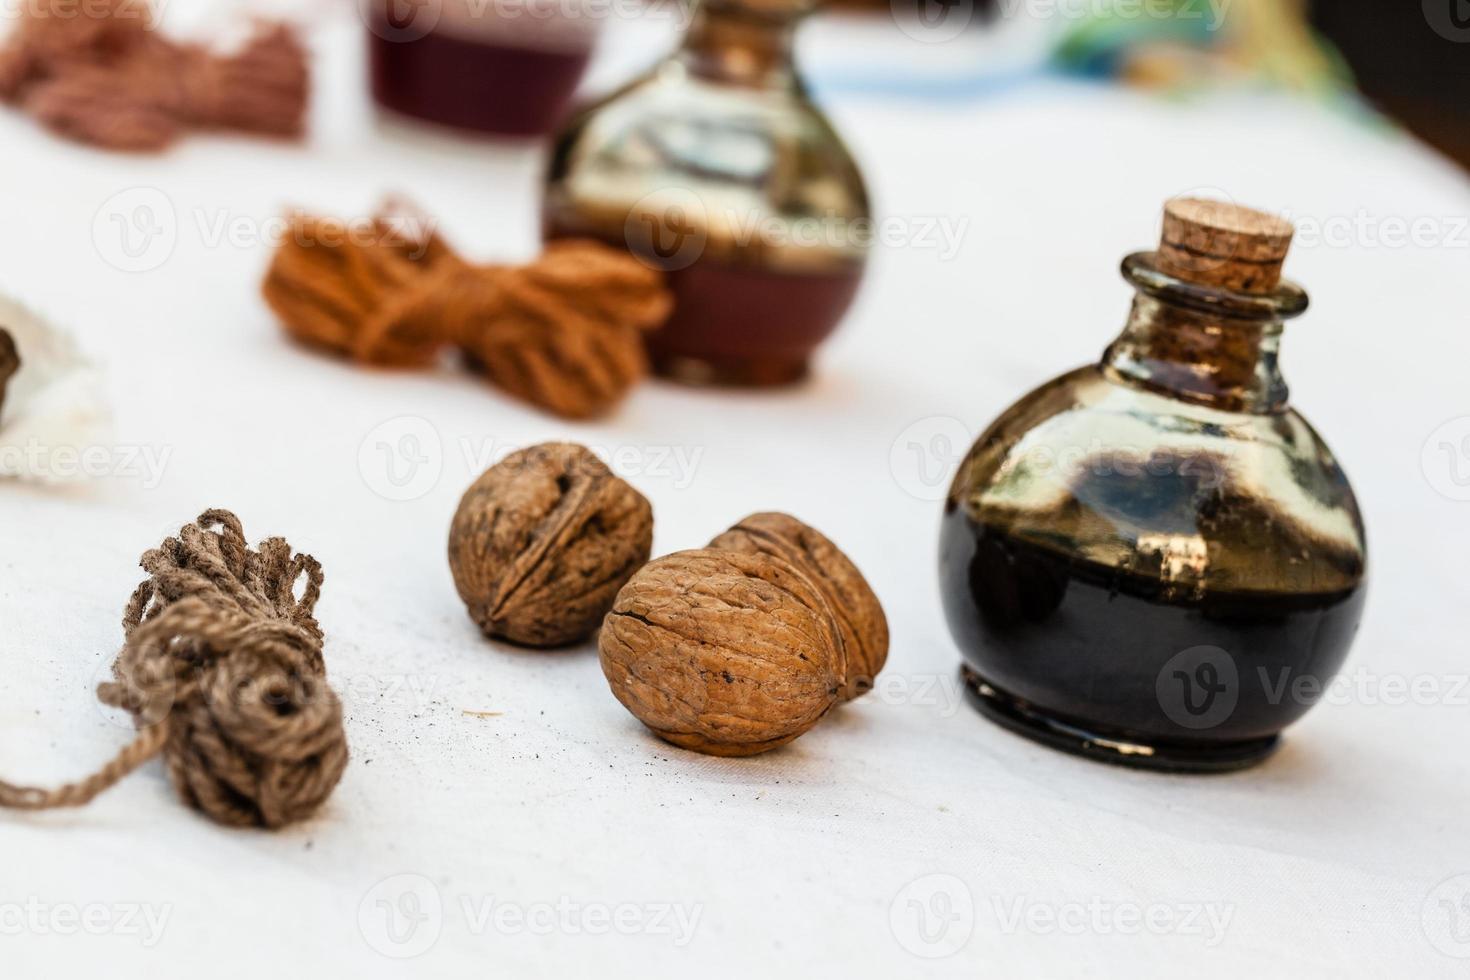 Walnut essence photo